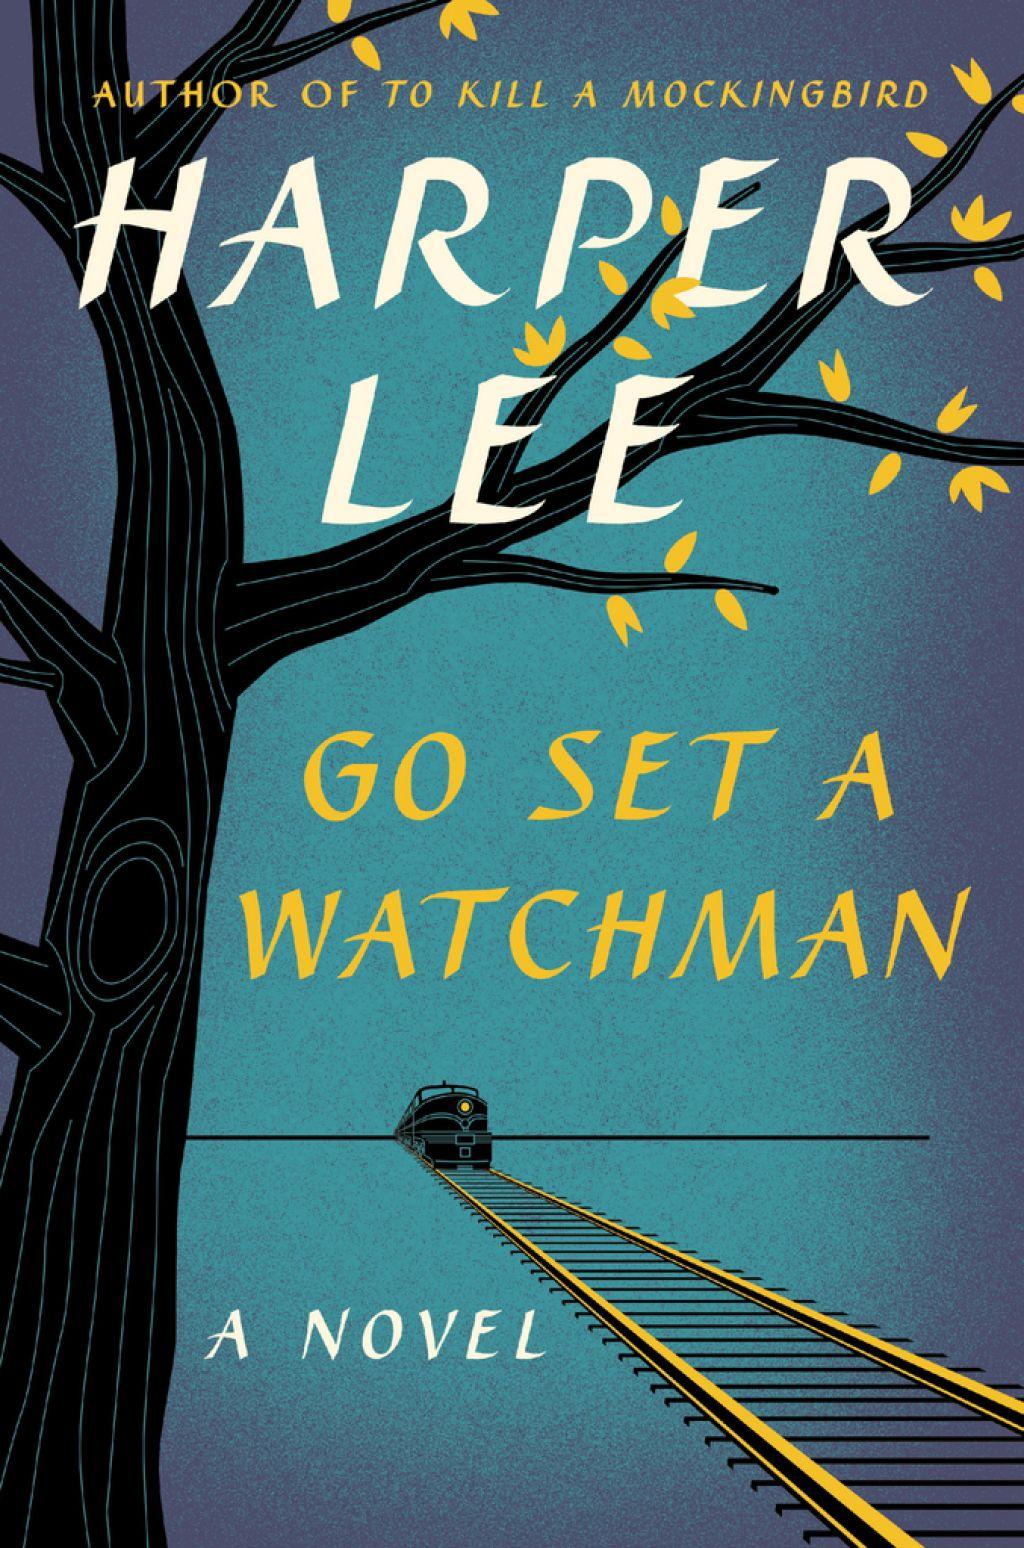 Razočarani kupci novega romana Harper Lee lahko prejmejo vrnjen denar